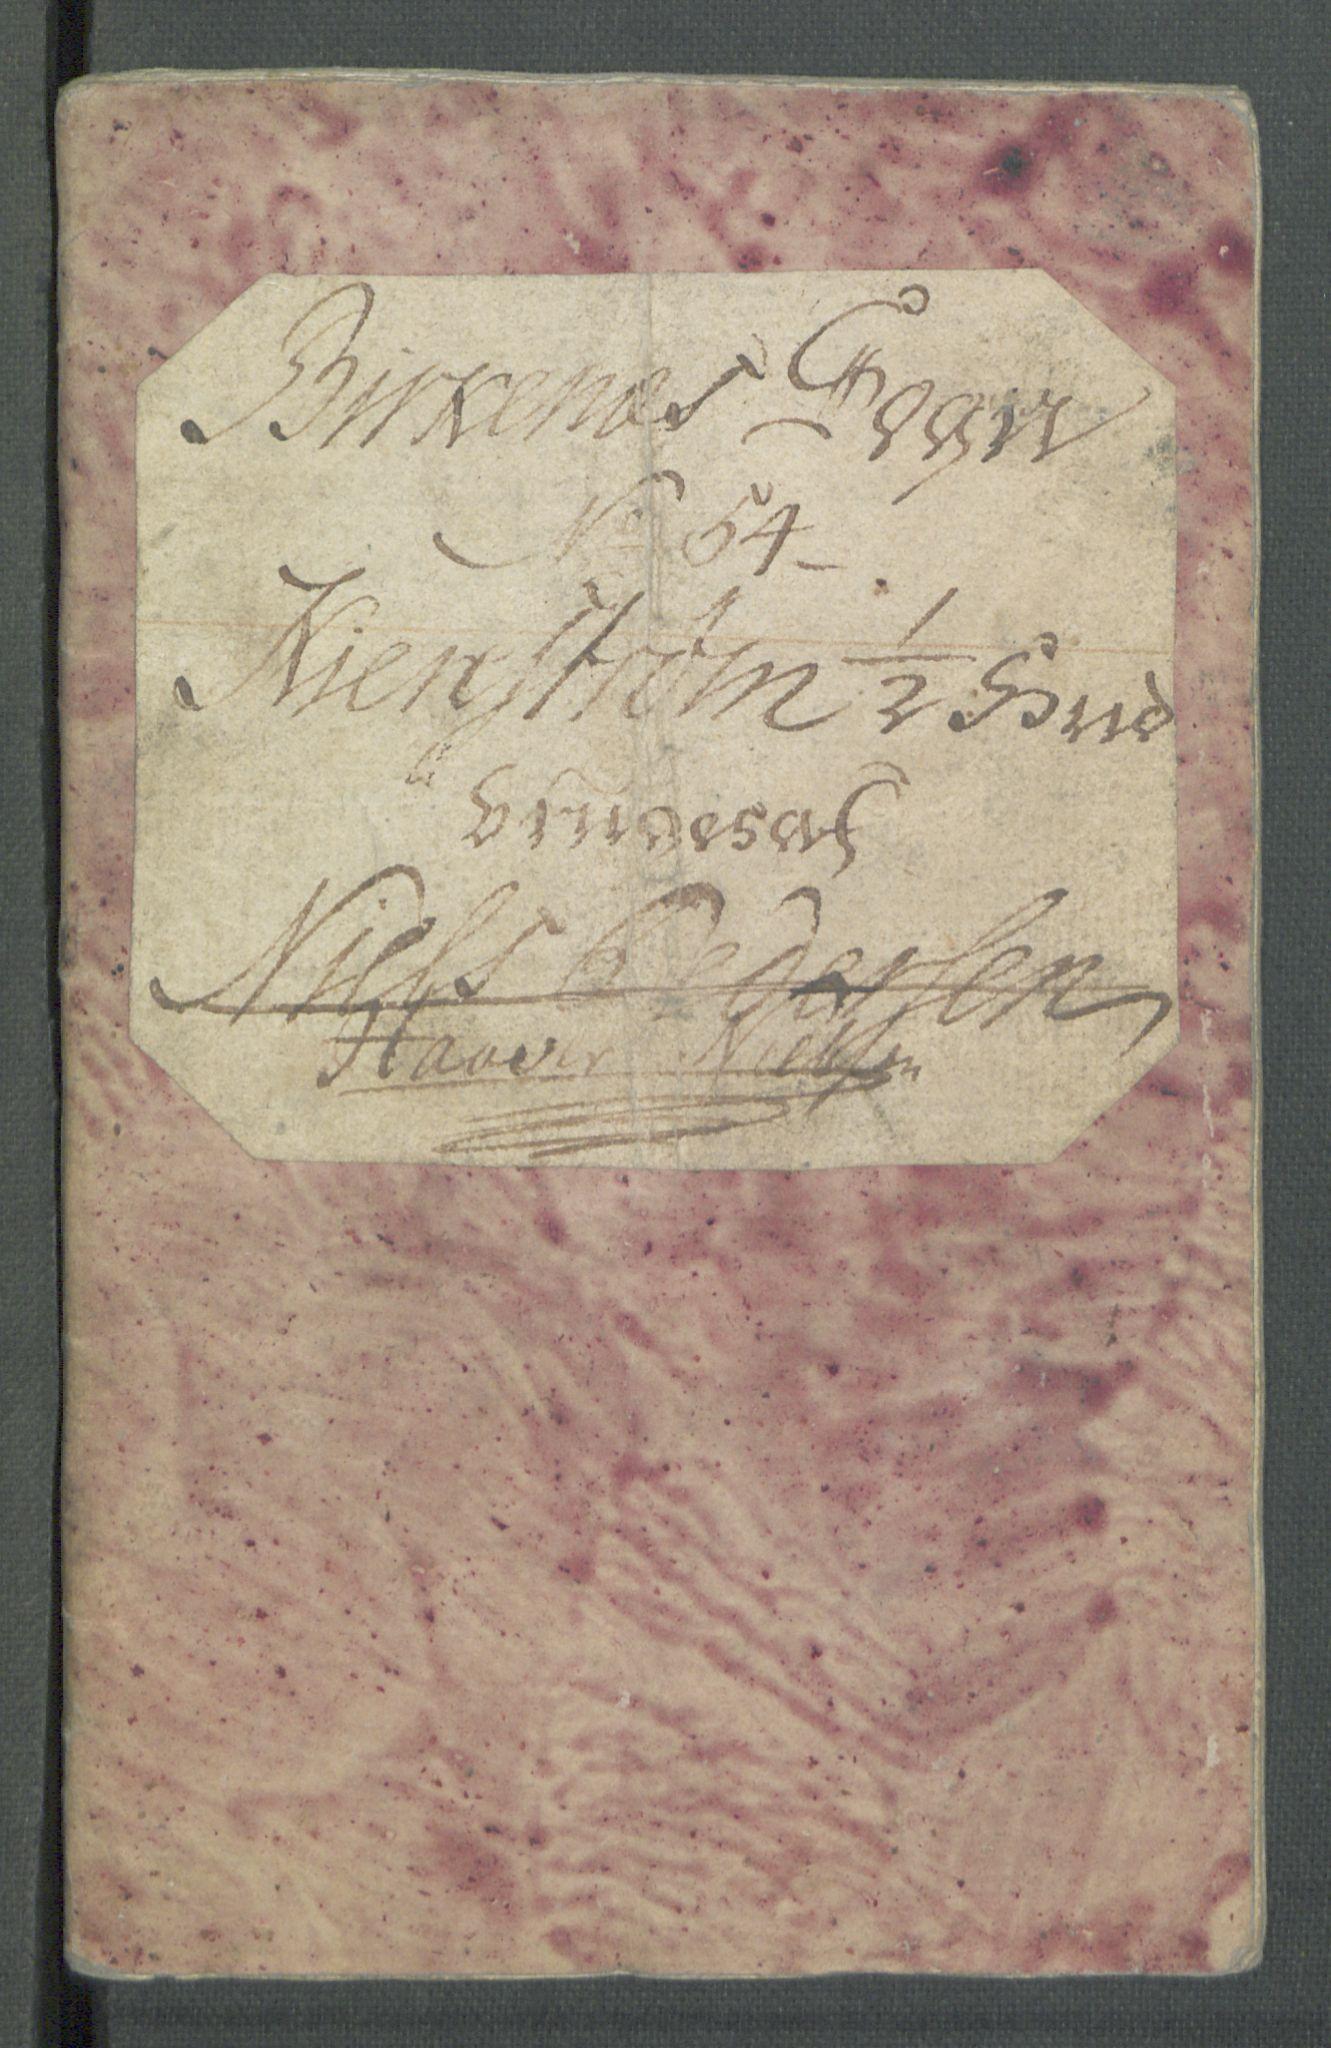 RA, Rentekammeret inntil 1814, Realistisk ordnet avdeling, Od/L0001: Oppløp, 1786-1769, s. 462